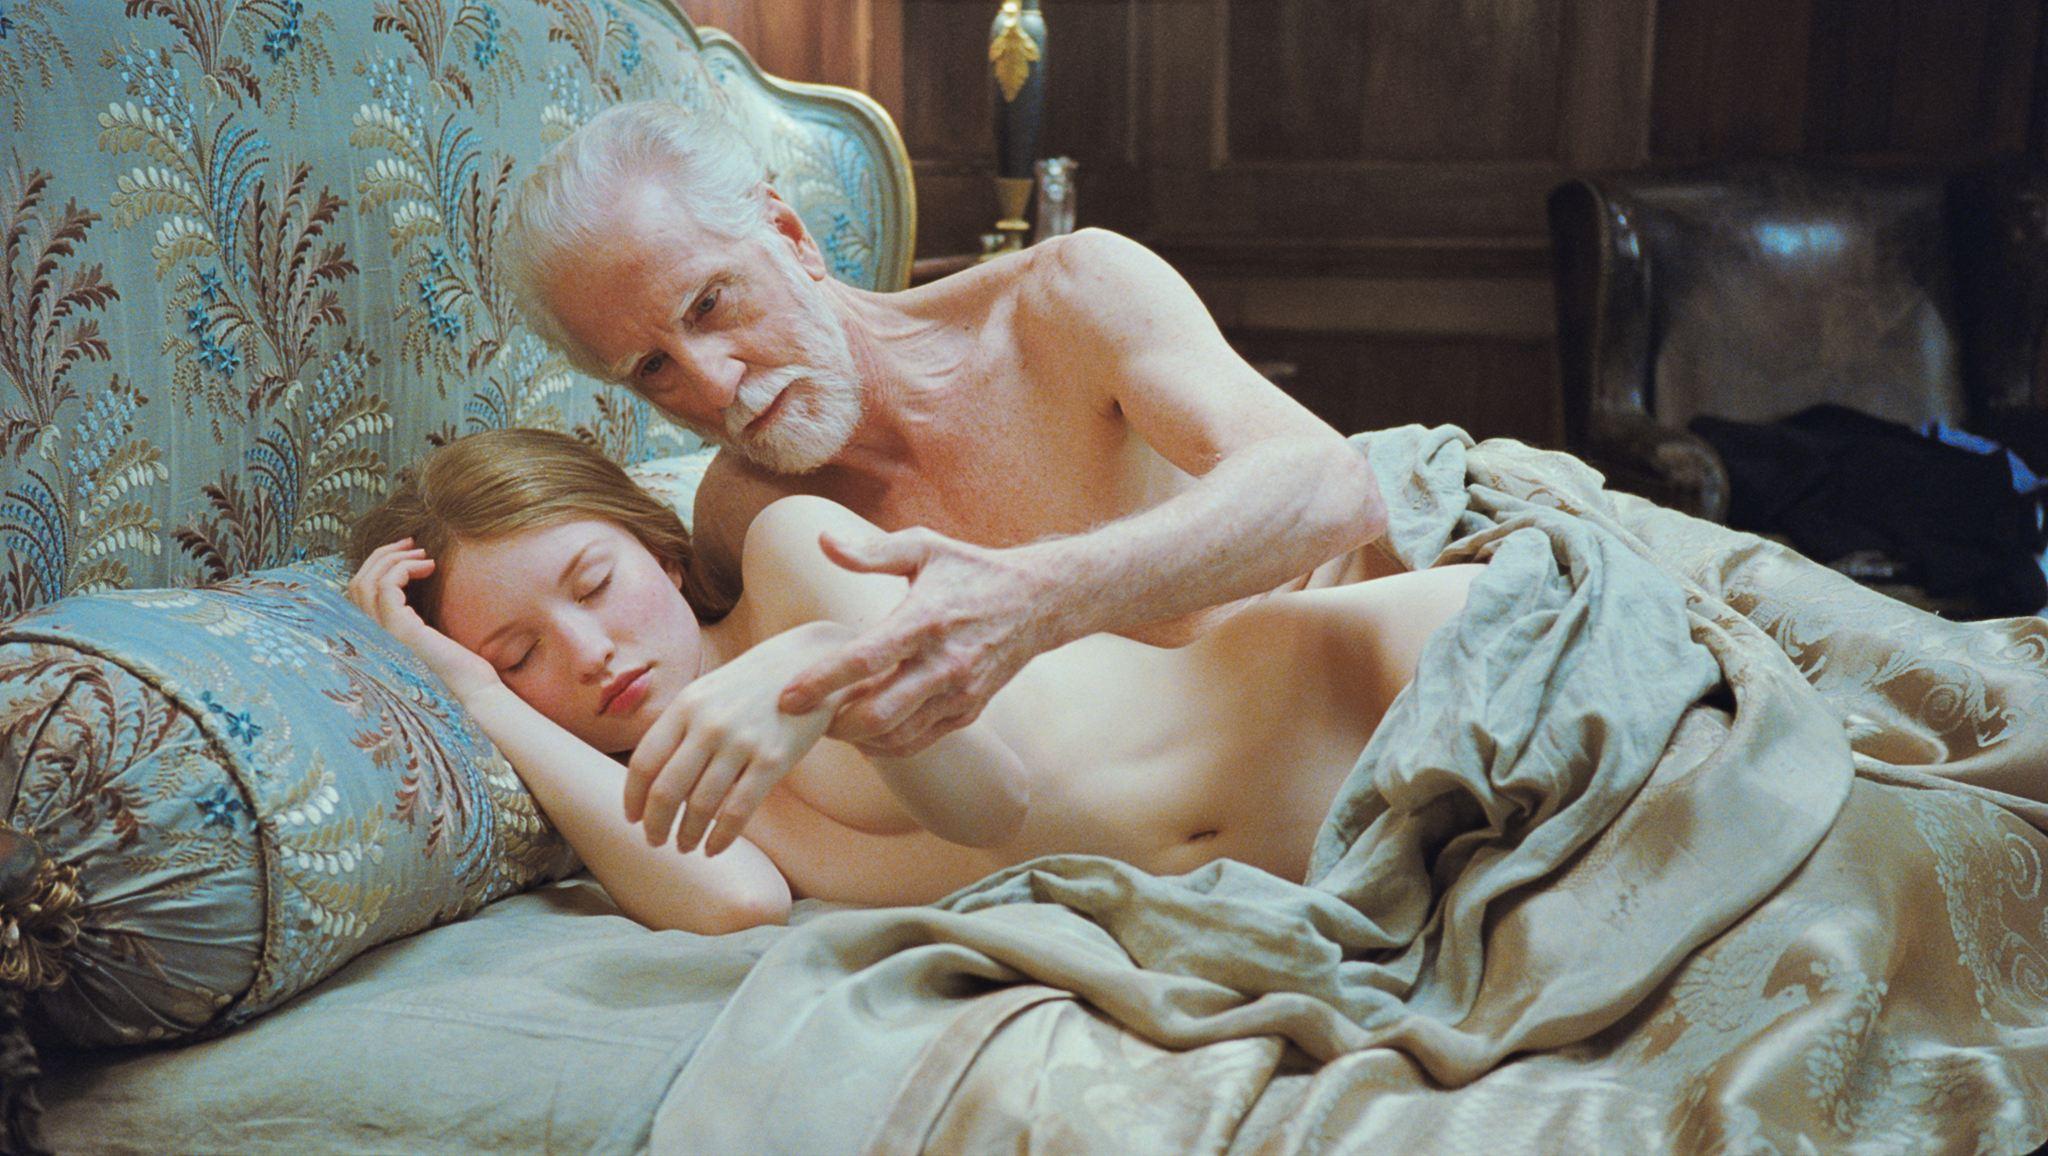 Смотреть порно онлайн бесплатно в хорошем качестве спящие 8 фотография